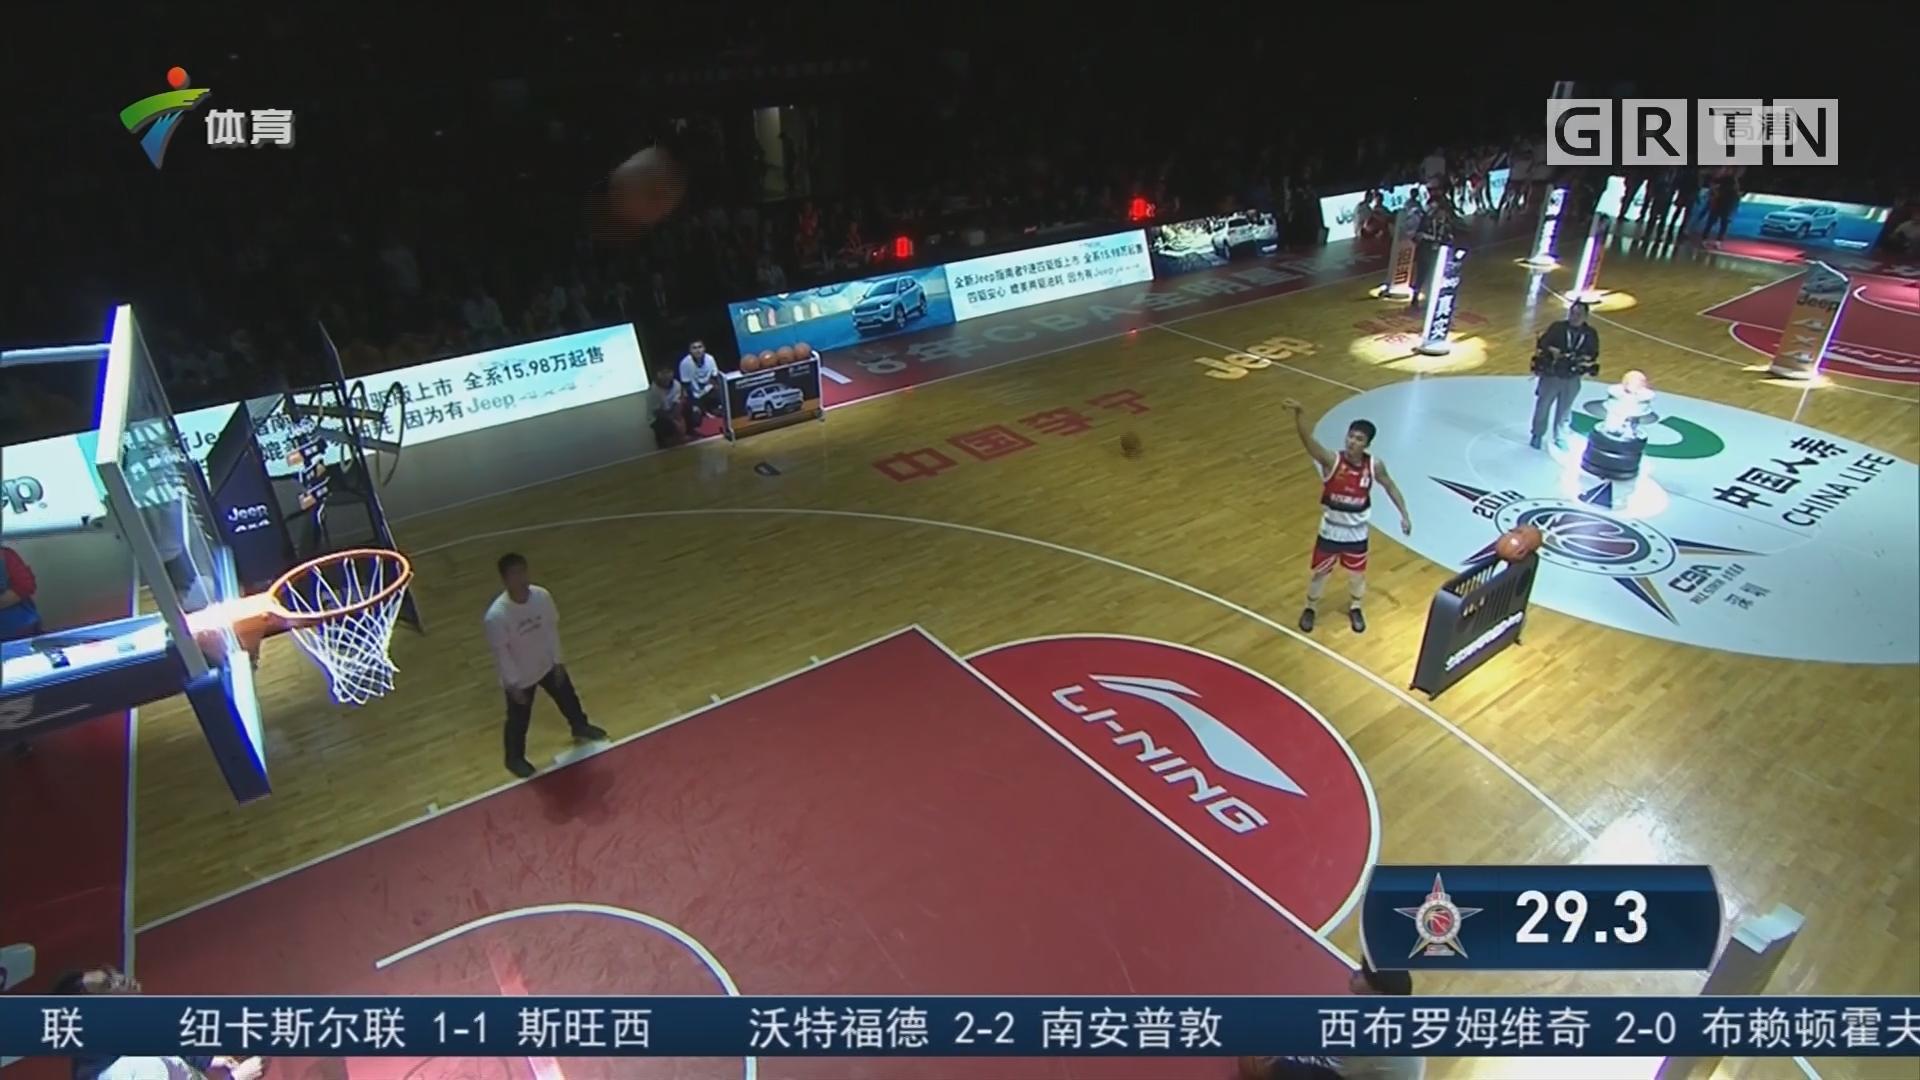 广东体育频道篮球评论员陈阳解说:技巧大赛